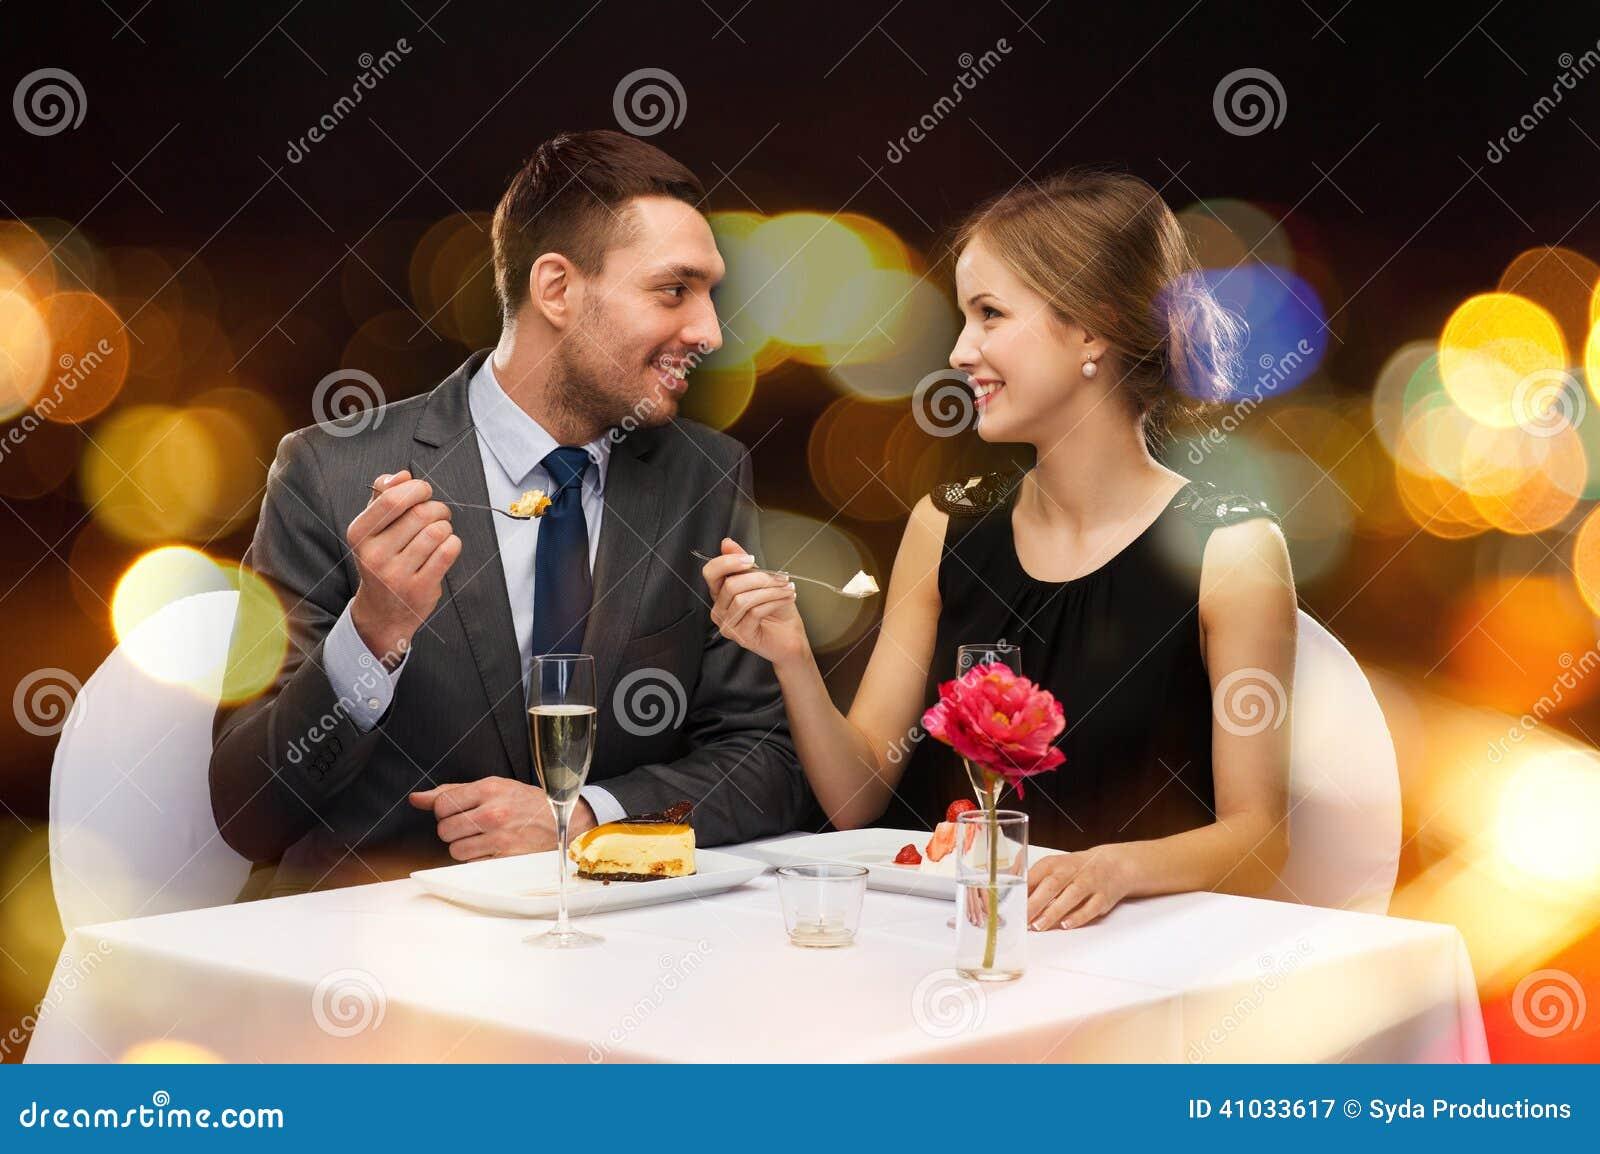 Abendessen datiert Beratung WC-Dating london